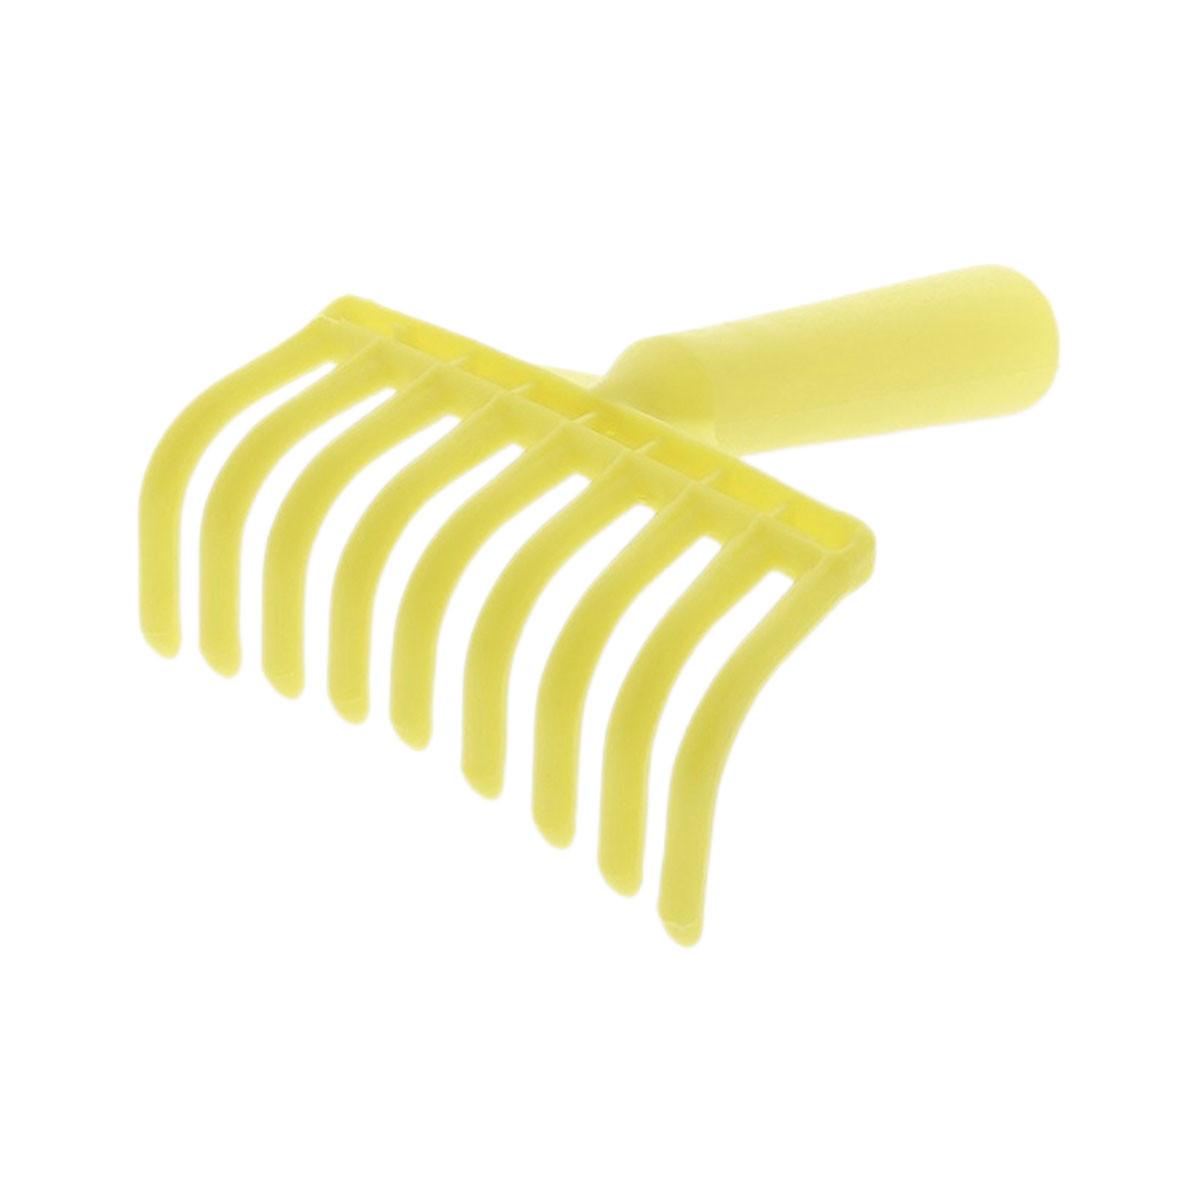 Peigne à olives 9 dents jaune